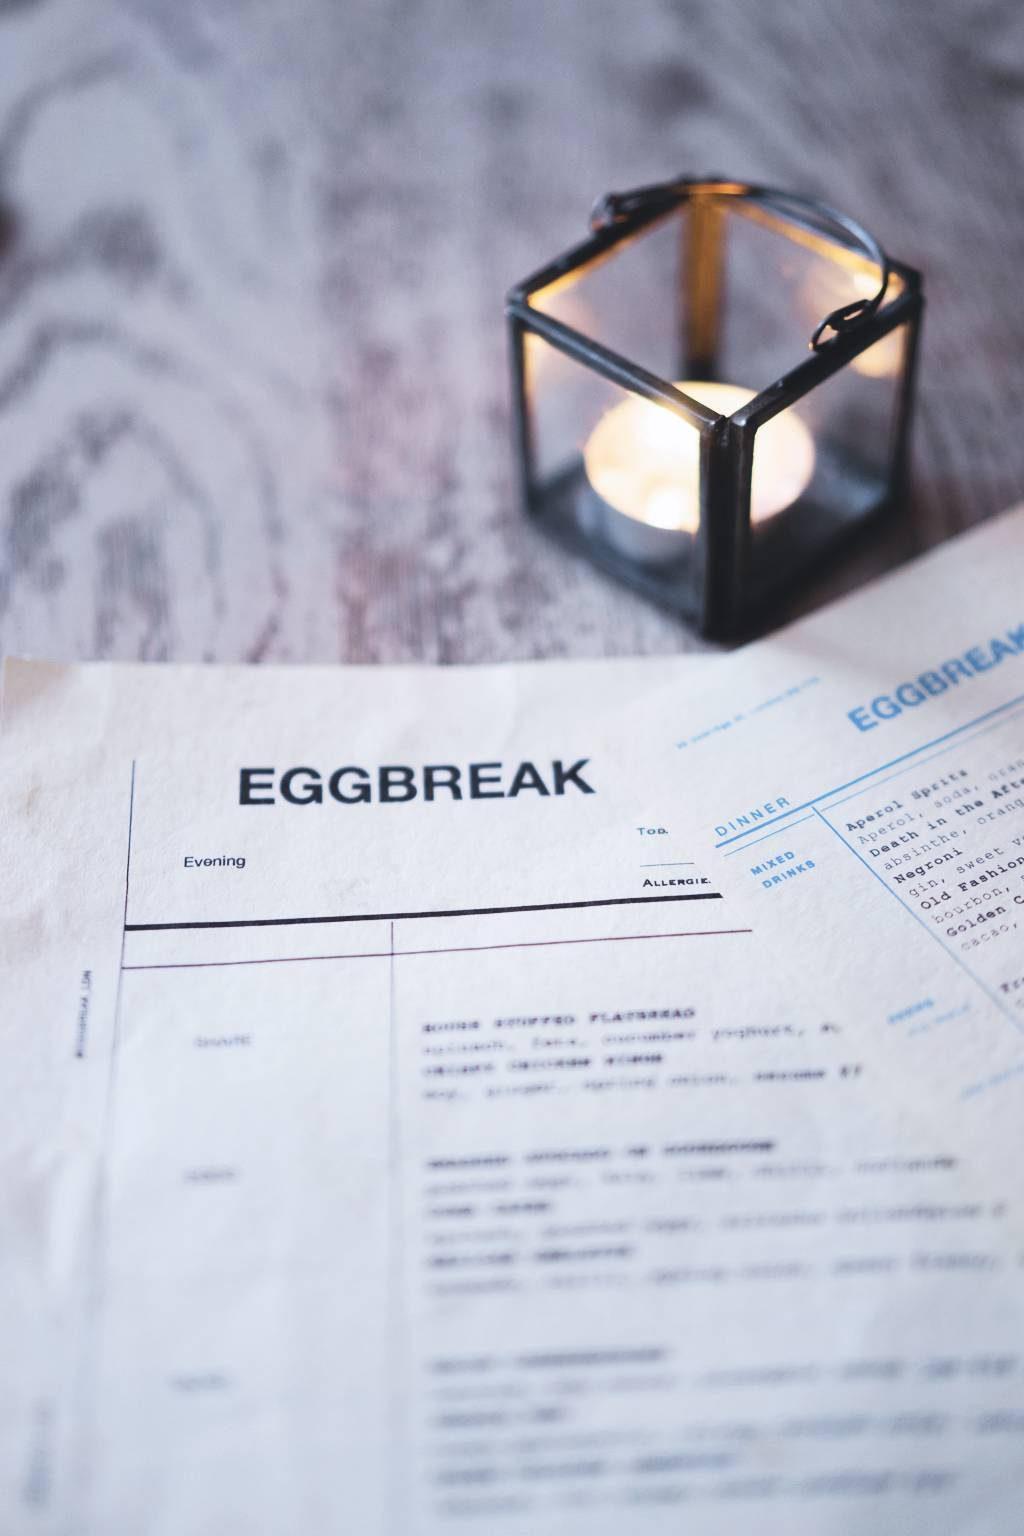 Eggbreak, London